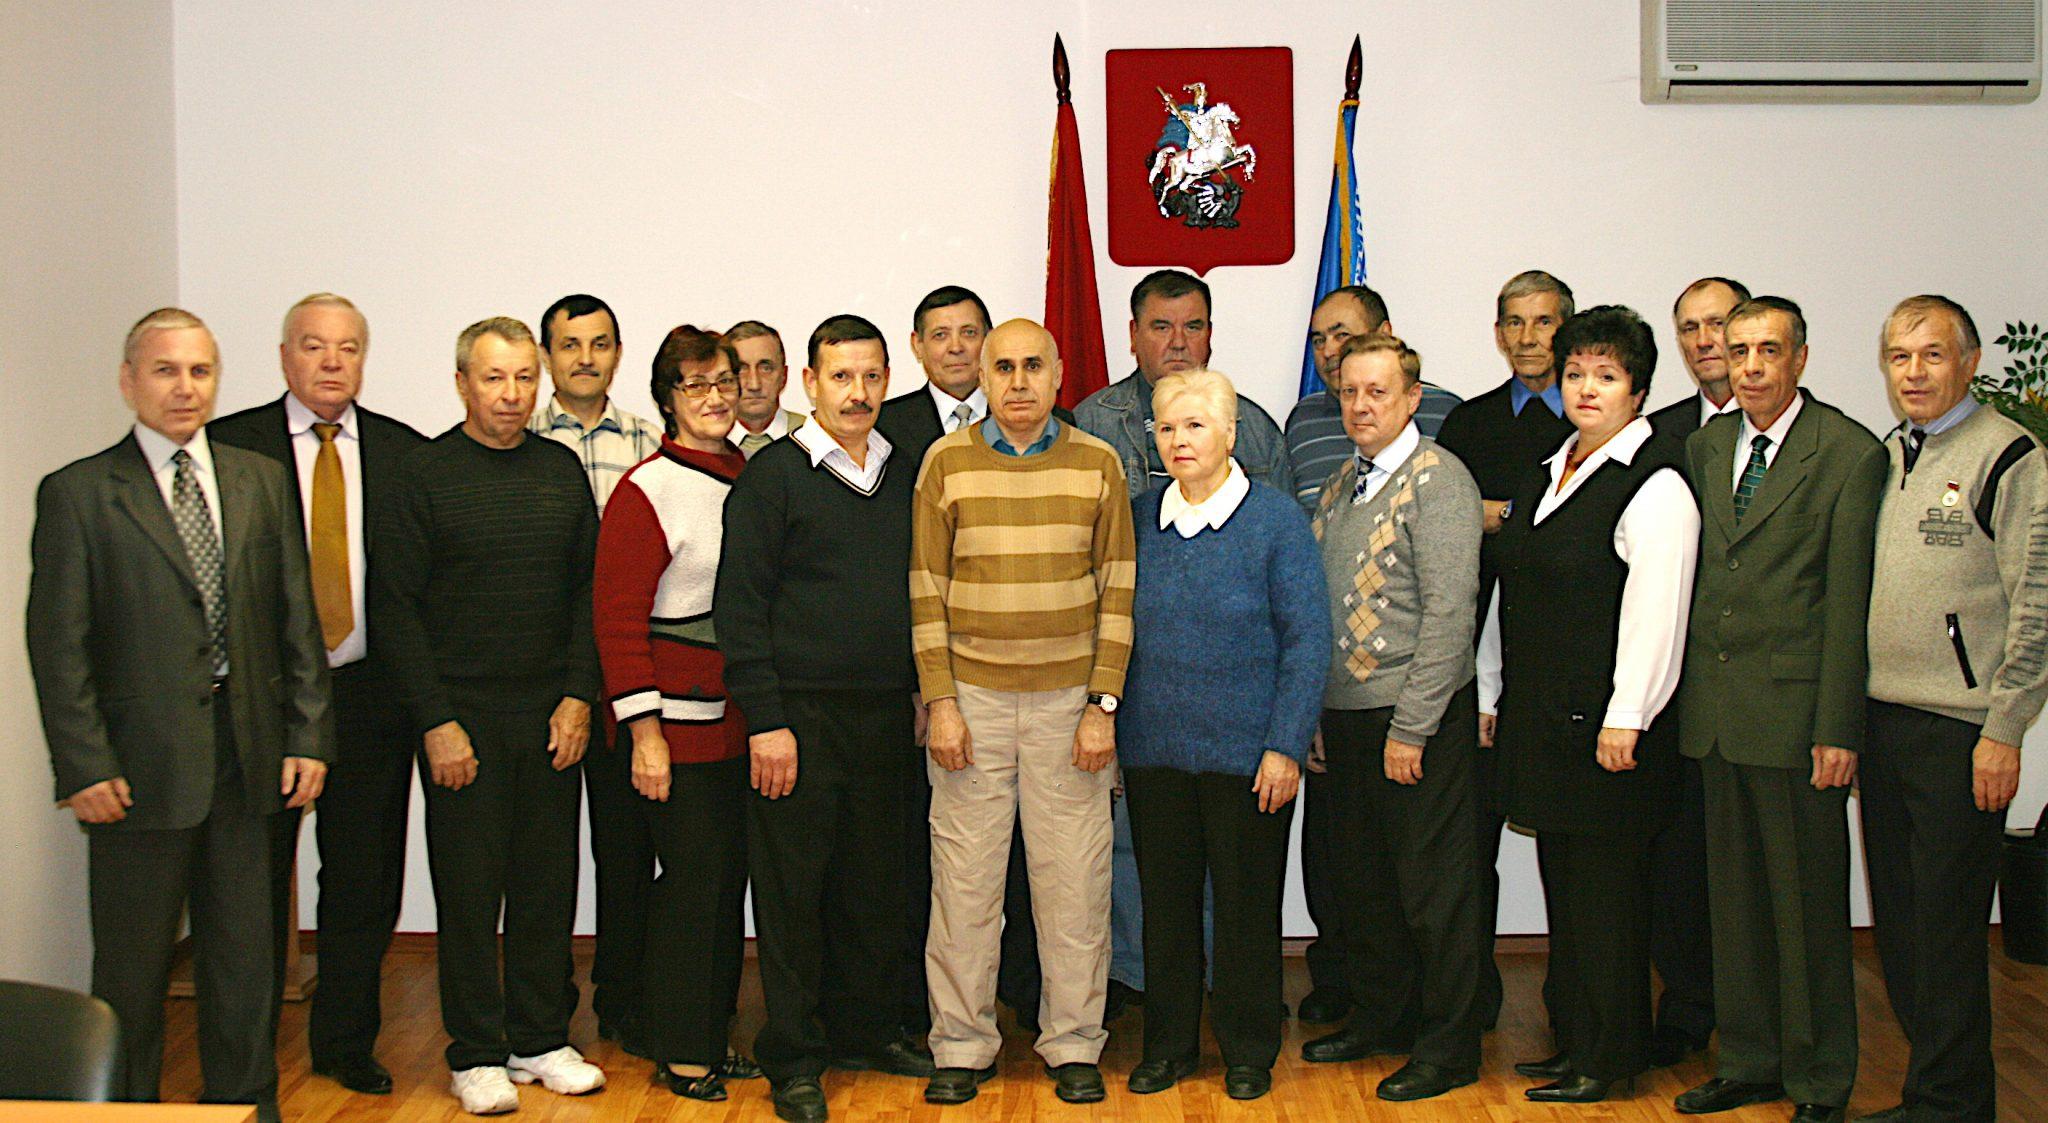 2014 год. Ветераны СУ-16. Бочкарёв В.К. второй слева